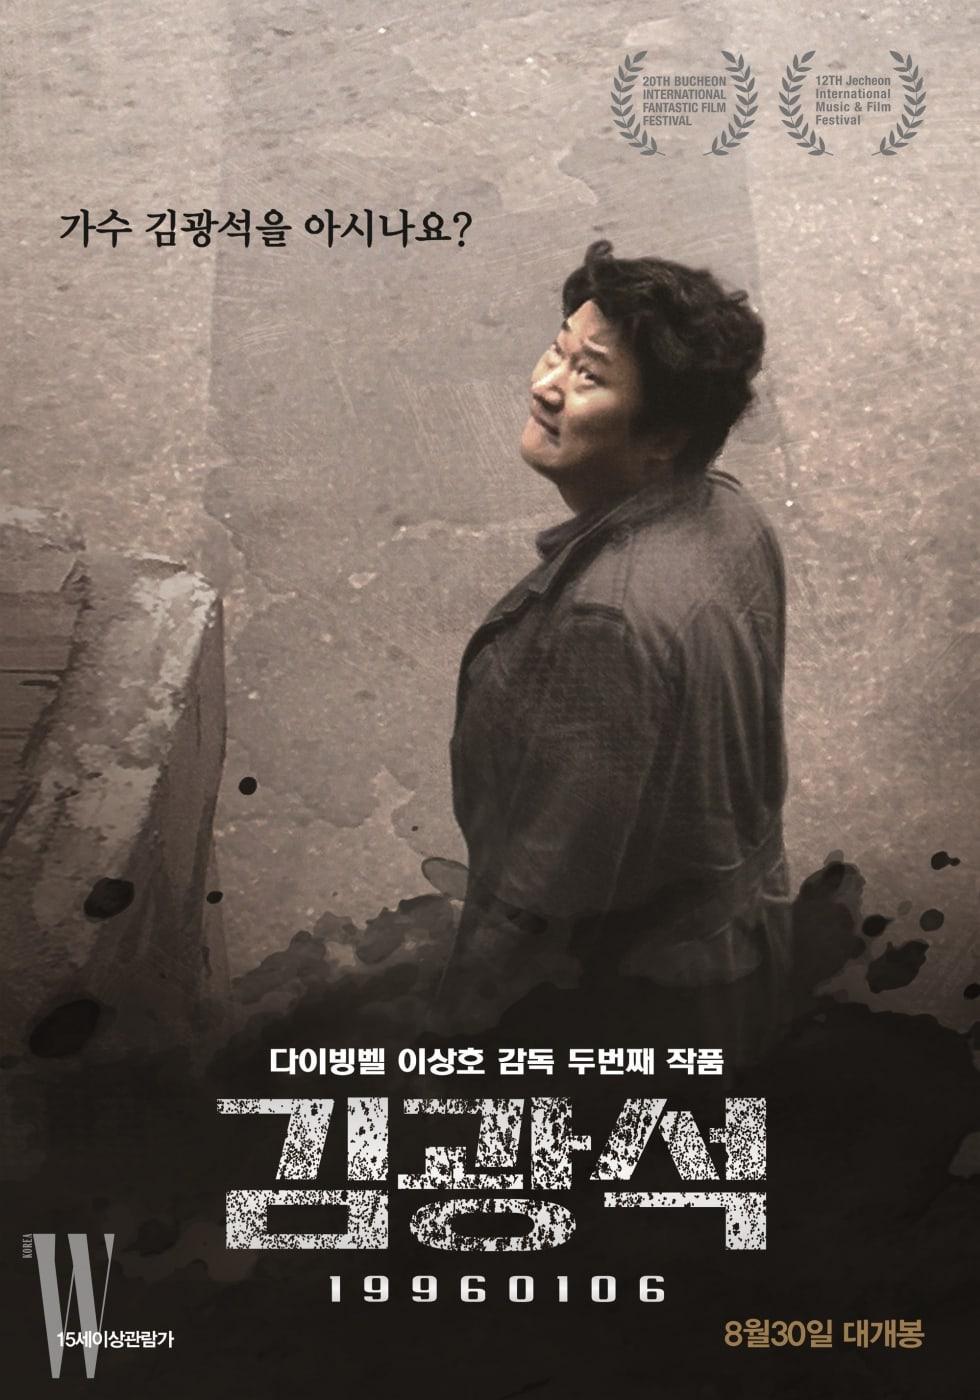 파문_김광석 영화 포스터